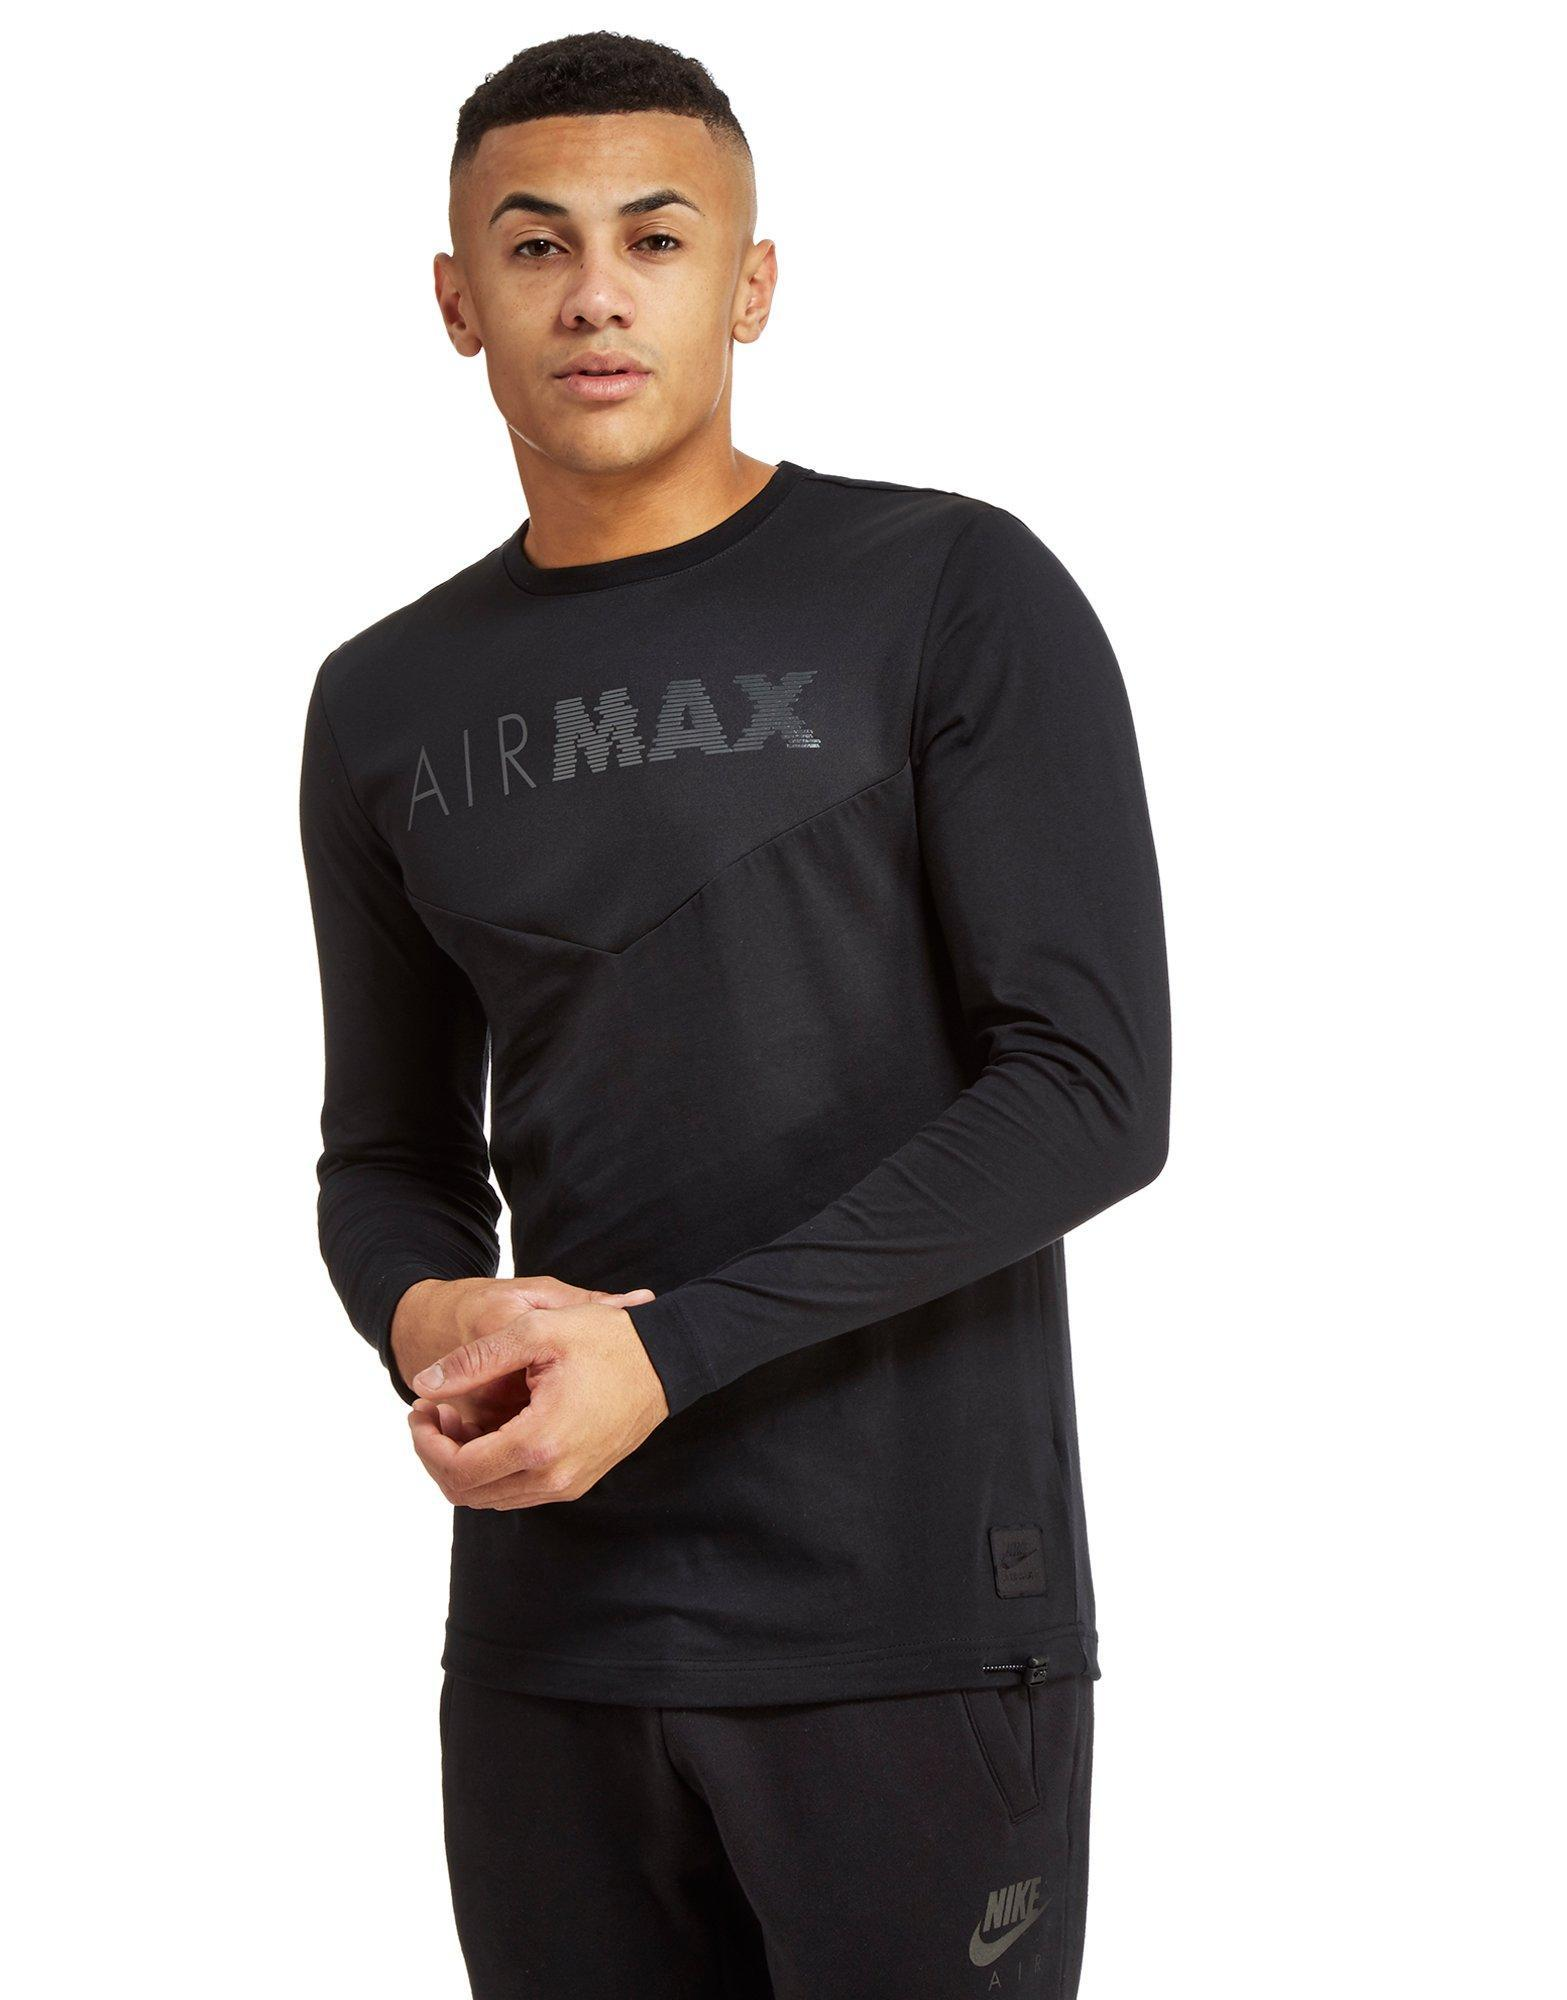 separation shoes e8cc4 435da Nike Air Max Long Sleeve Chevron T-shirt in Black for Men - Lyst